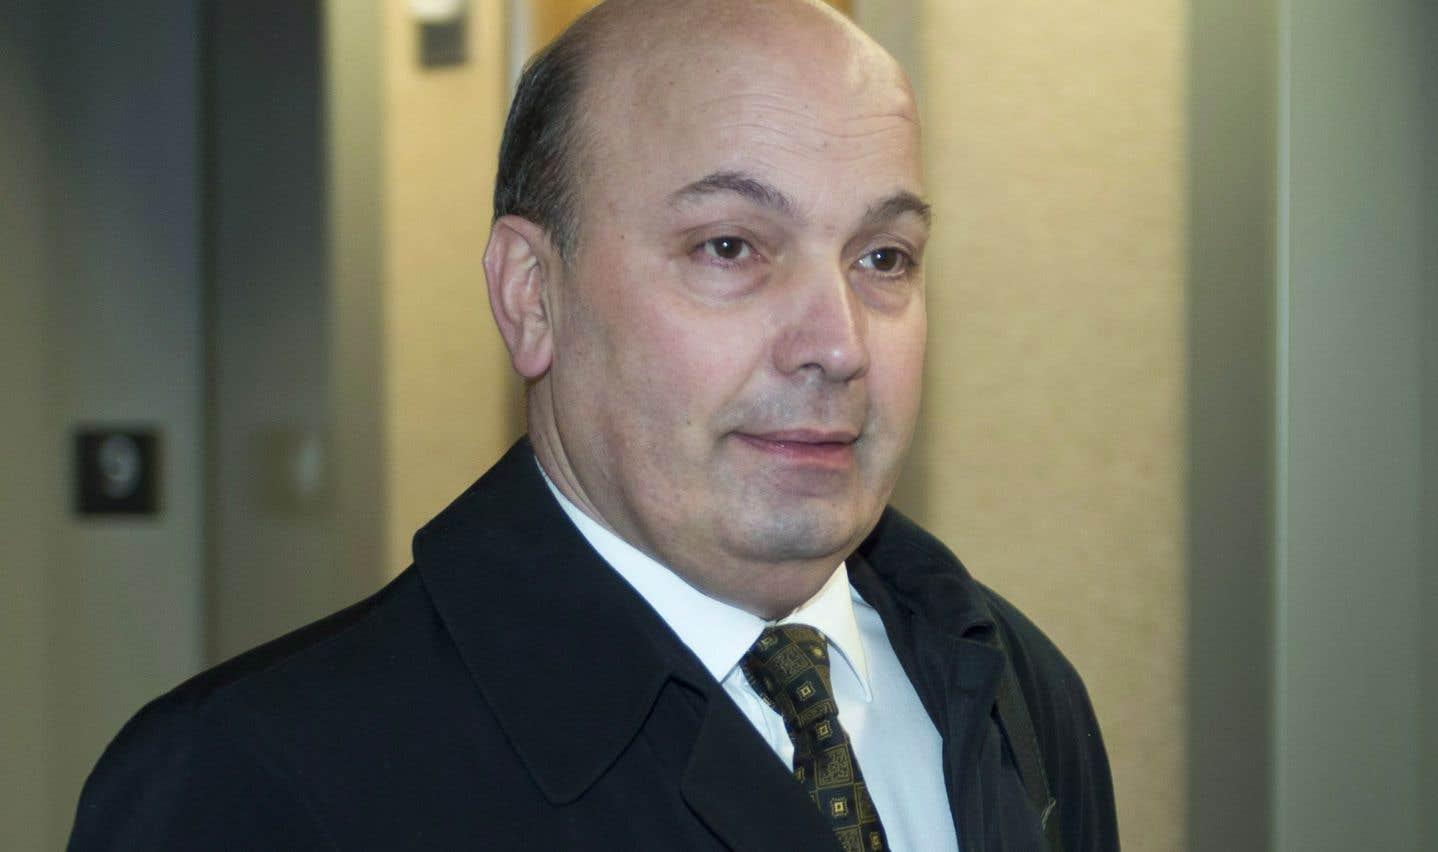 L'ancien président du comité exécutif de la Ville de Montréal, Frank Zampino, compte parmi les accusés.